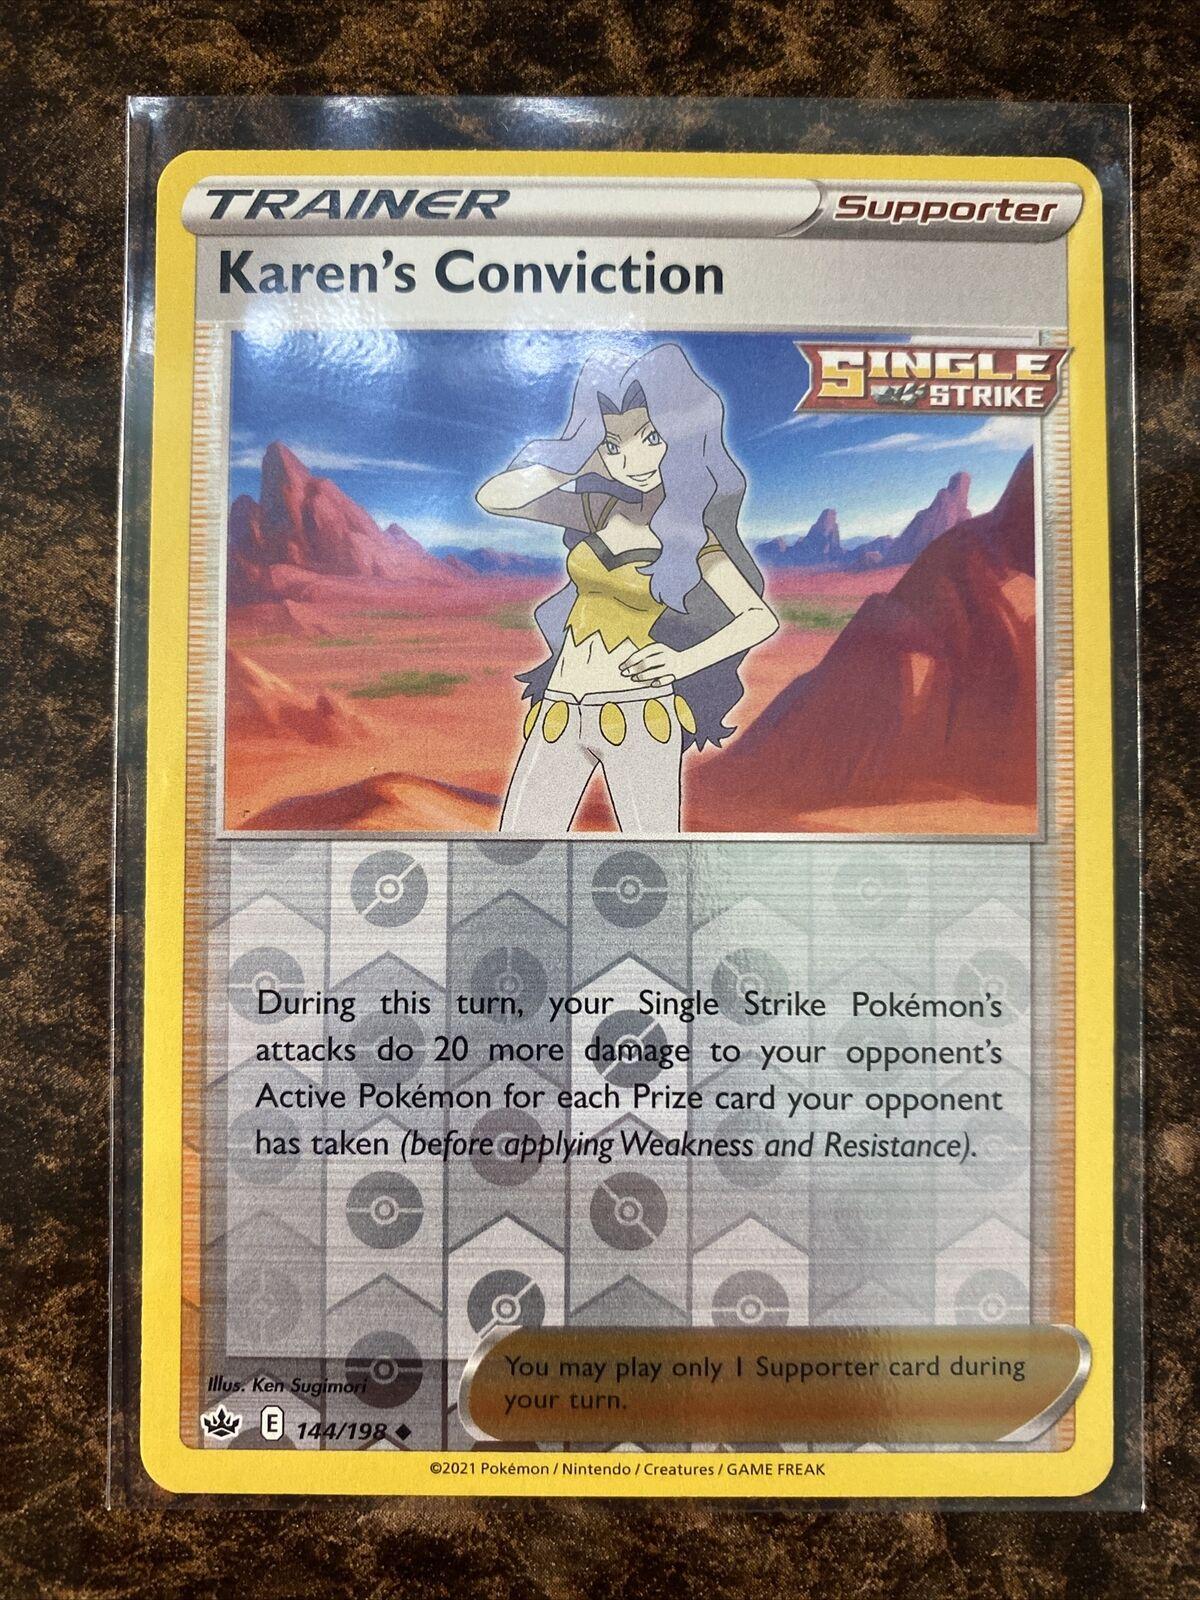 Karen's Conviction 144/198 - Recerse Holo - pokemon Chilling Reign - Mint